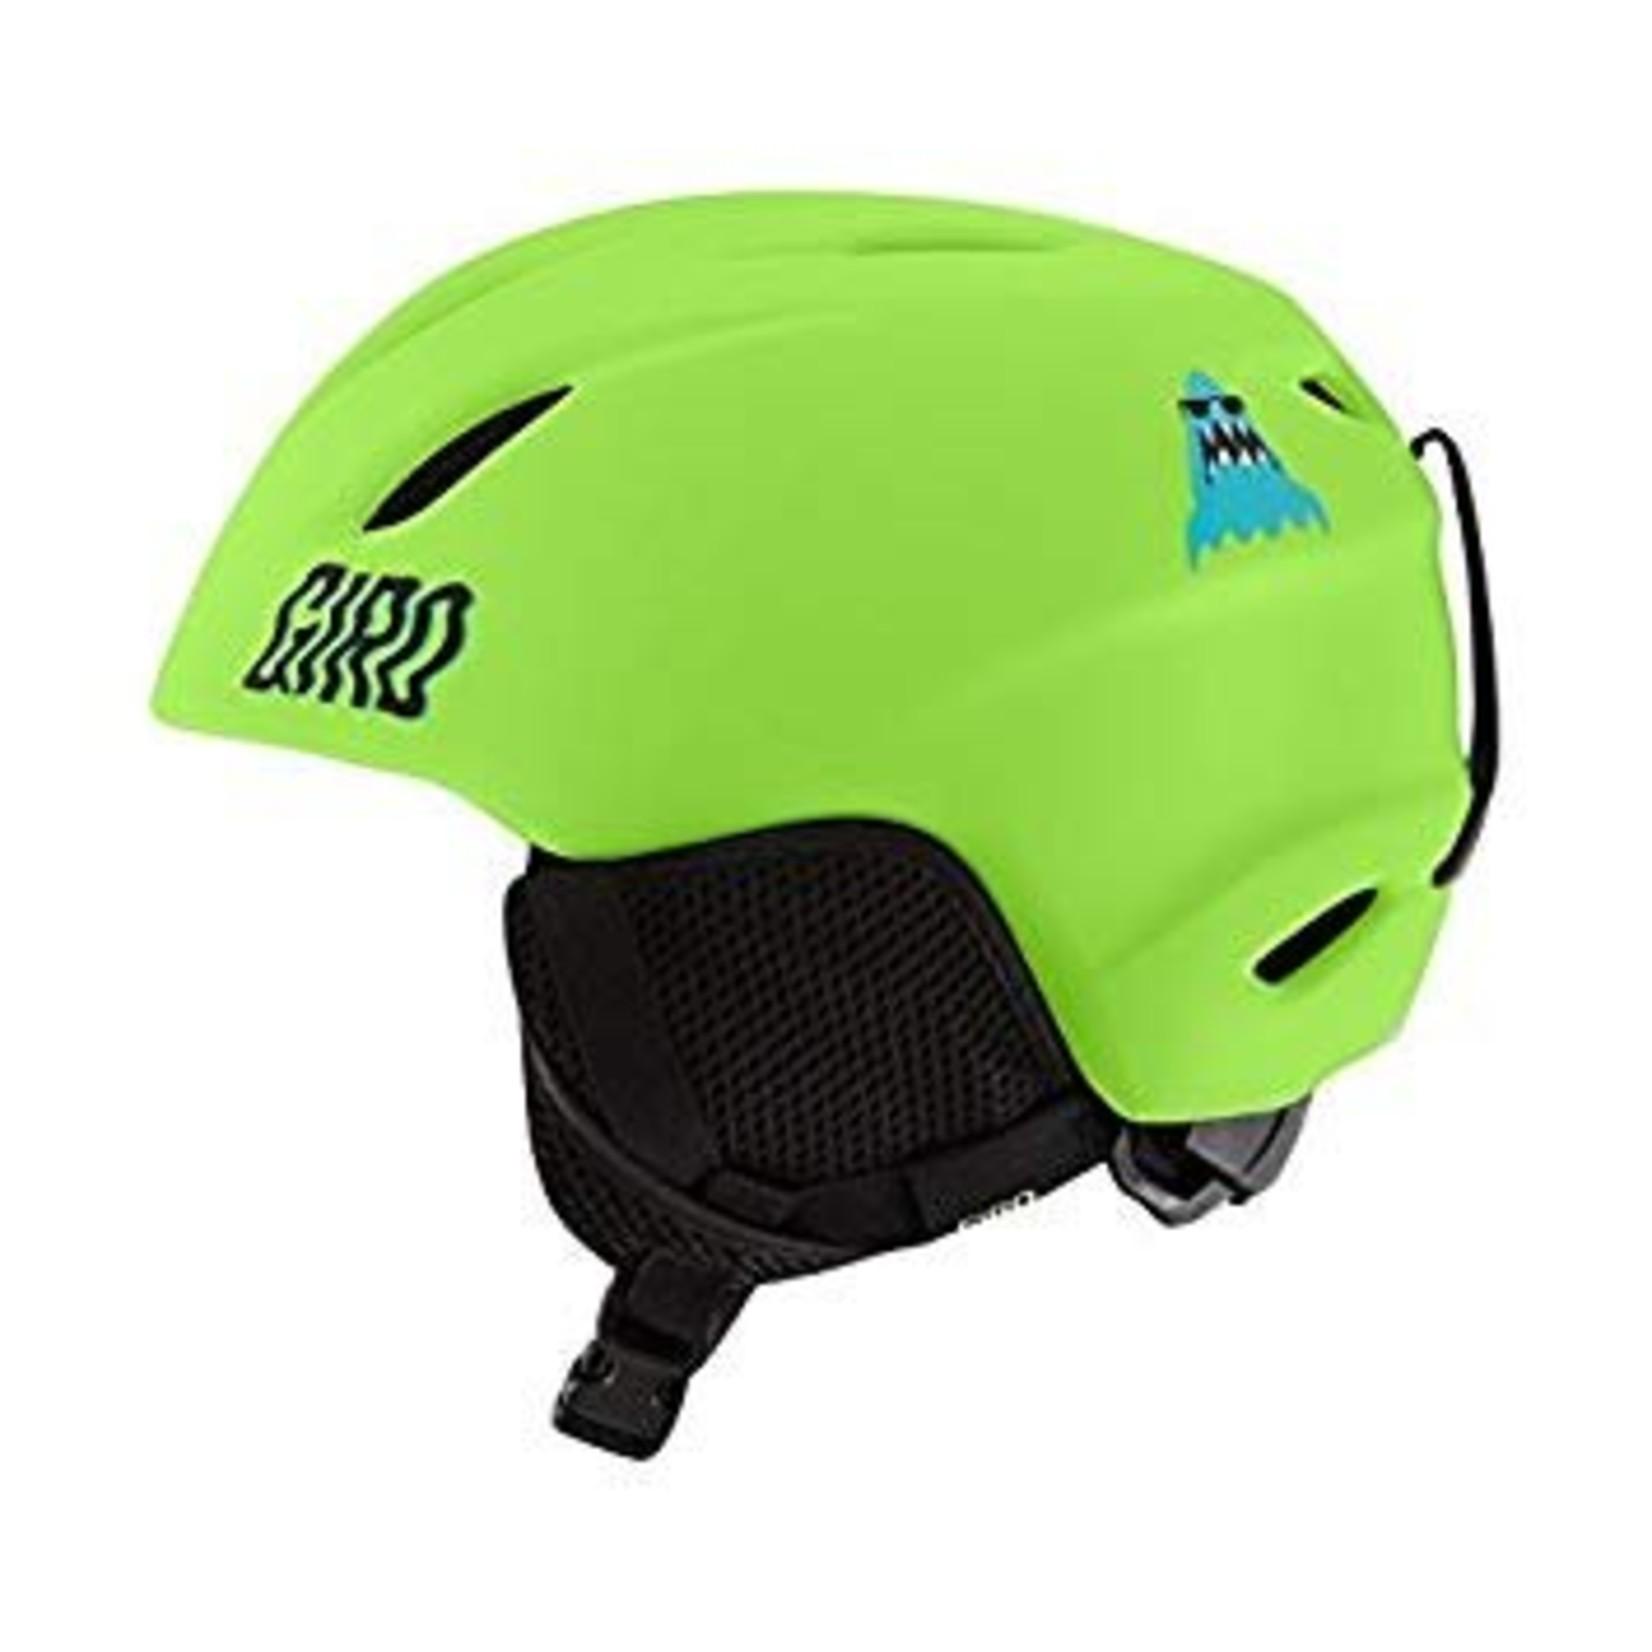 Giro Giro Launch Helmet